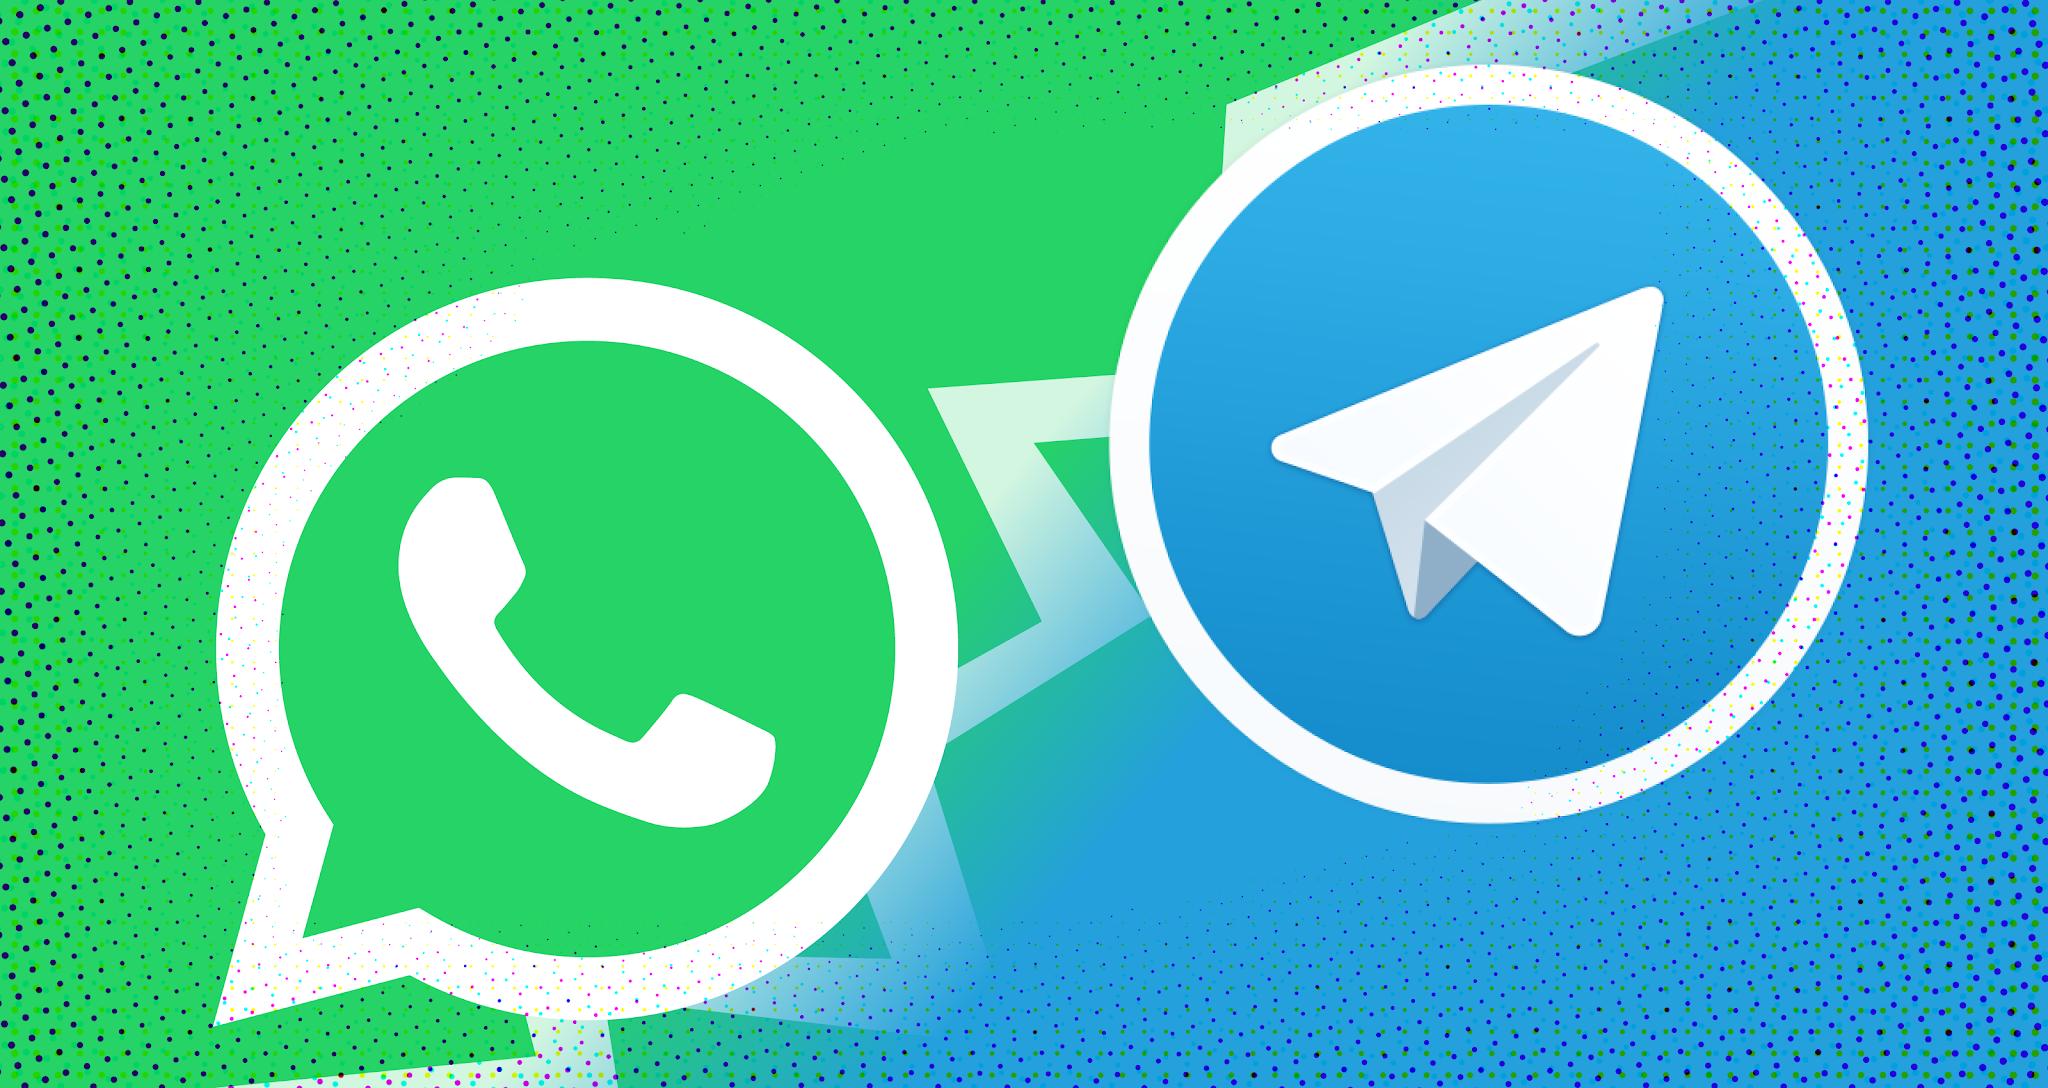 مميزات في تليجرام لا تتوفر في واتس اب